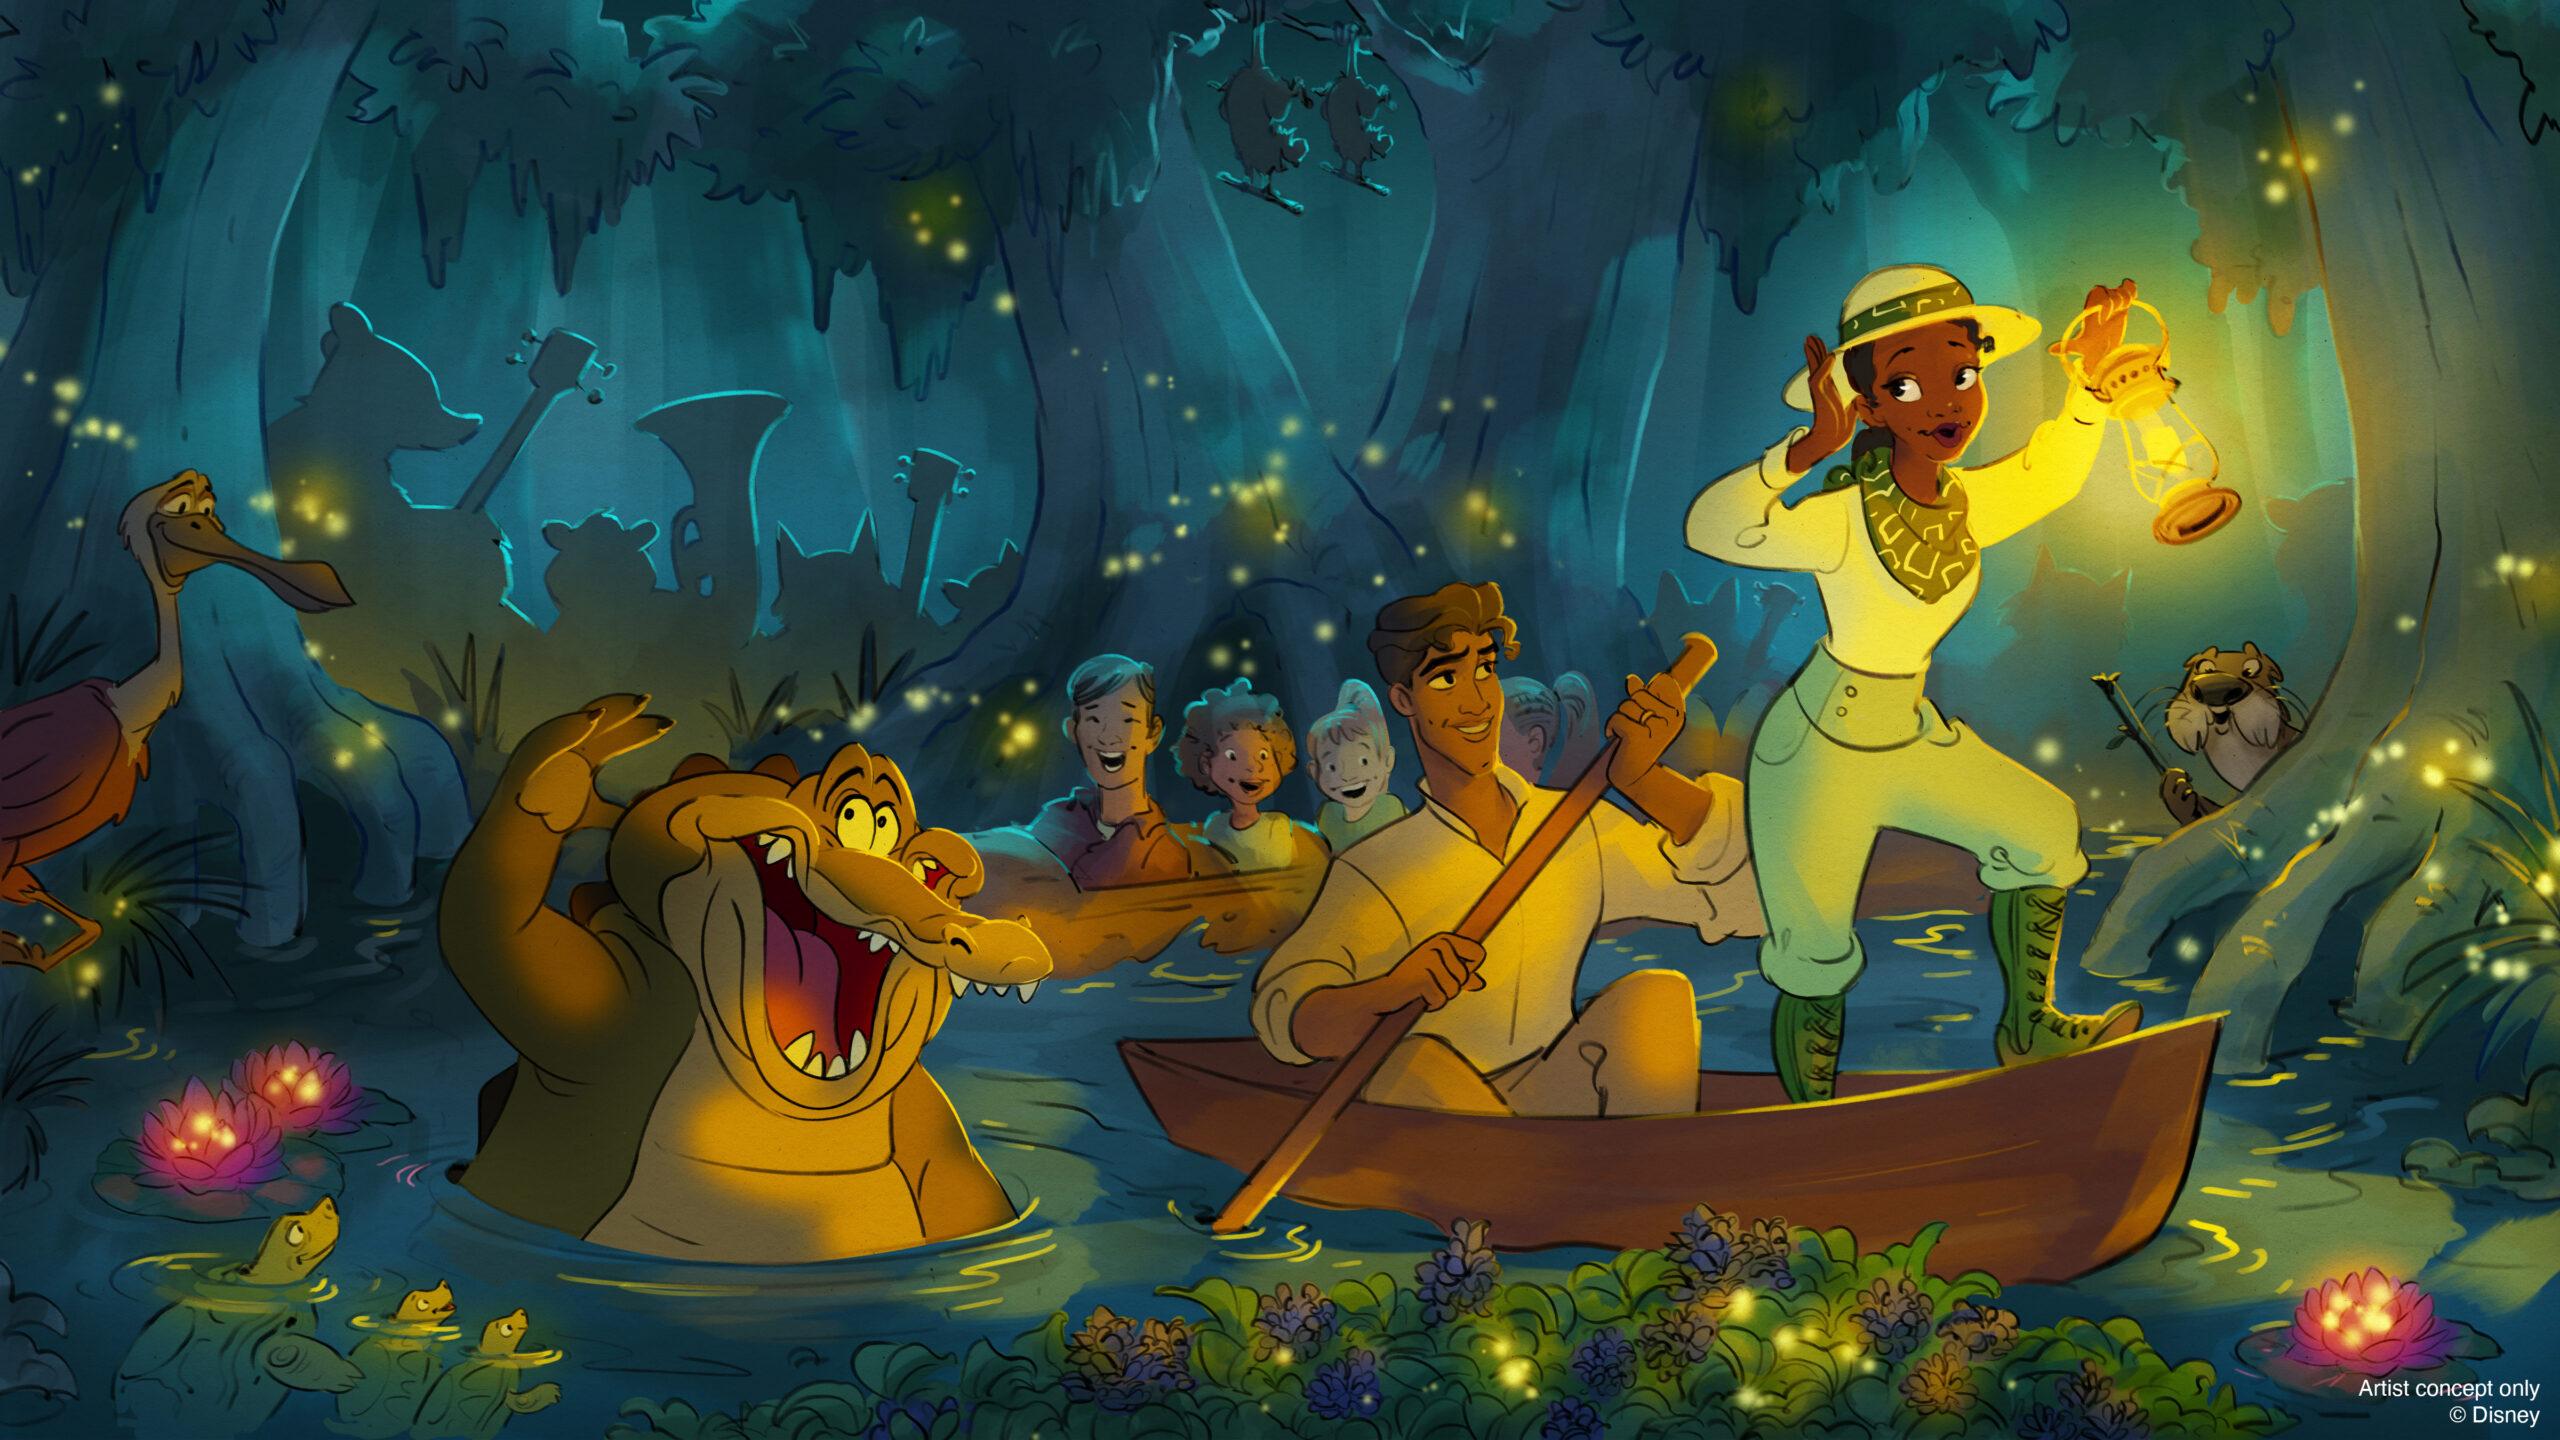 慶祝世界公主週:迪士尼公園即將發佈「公主與青蛙」景點的最新消息